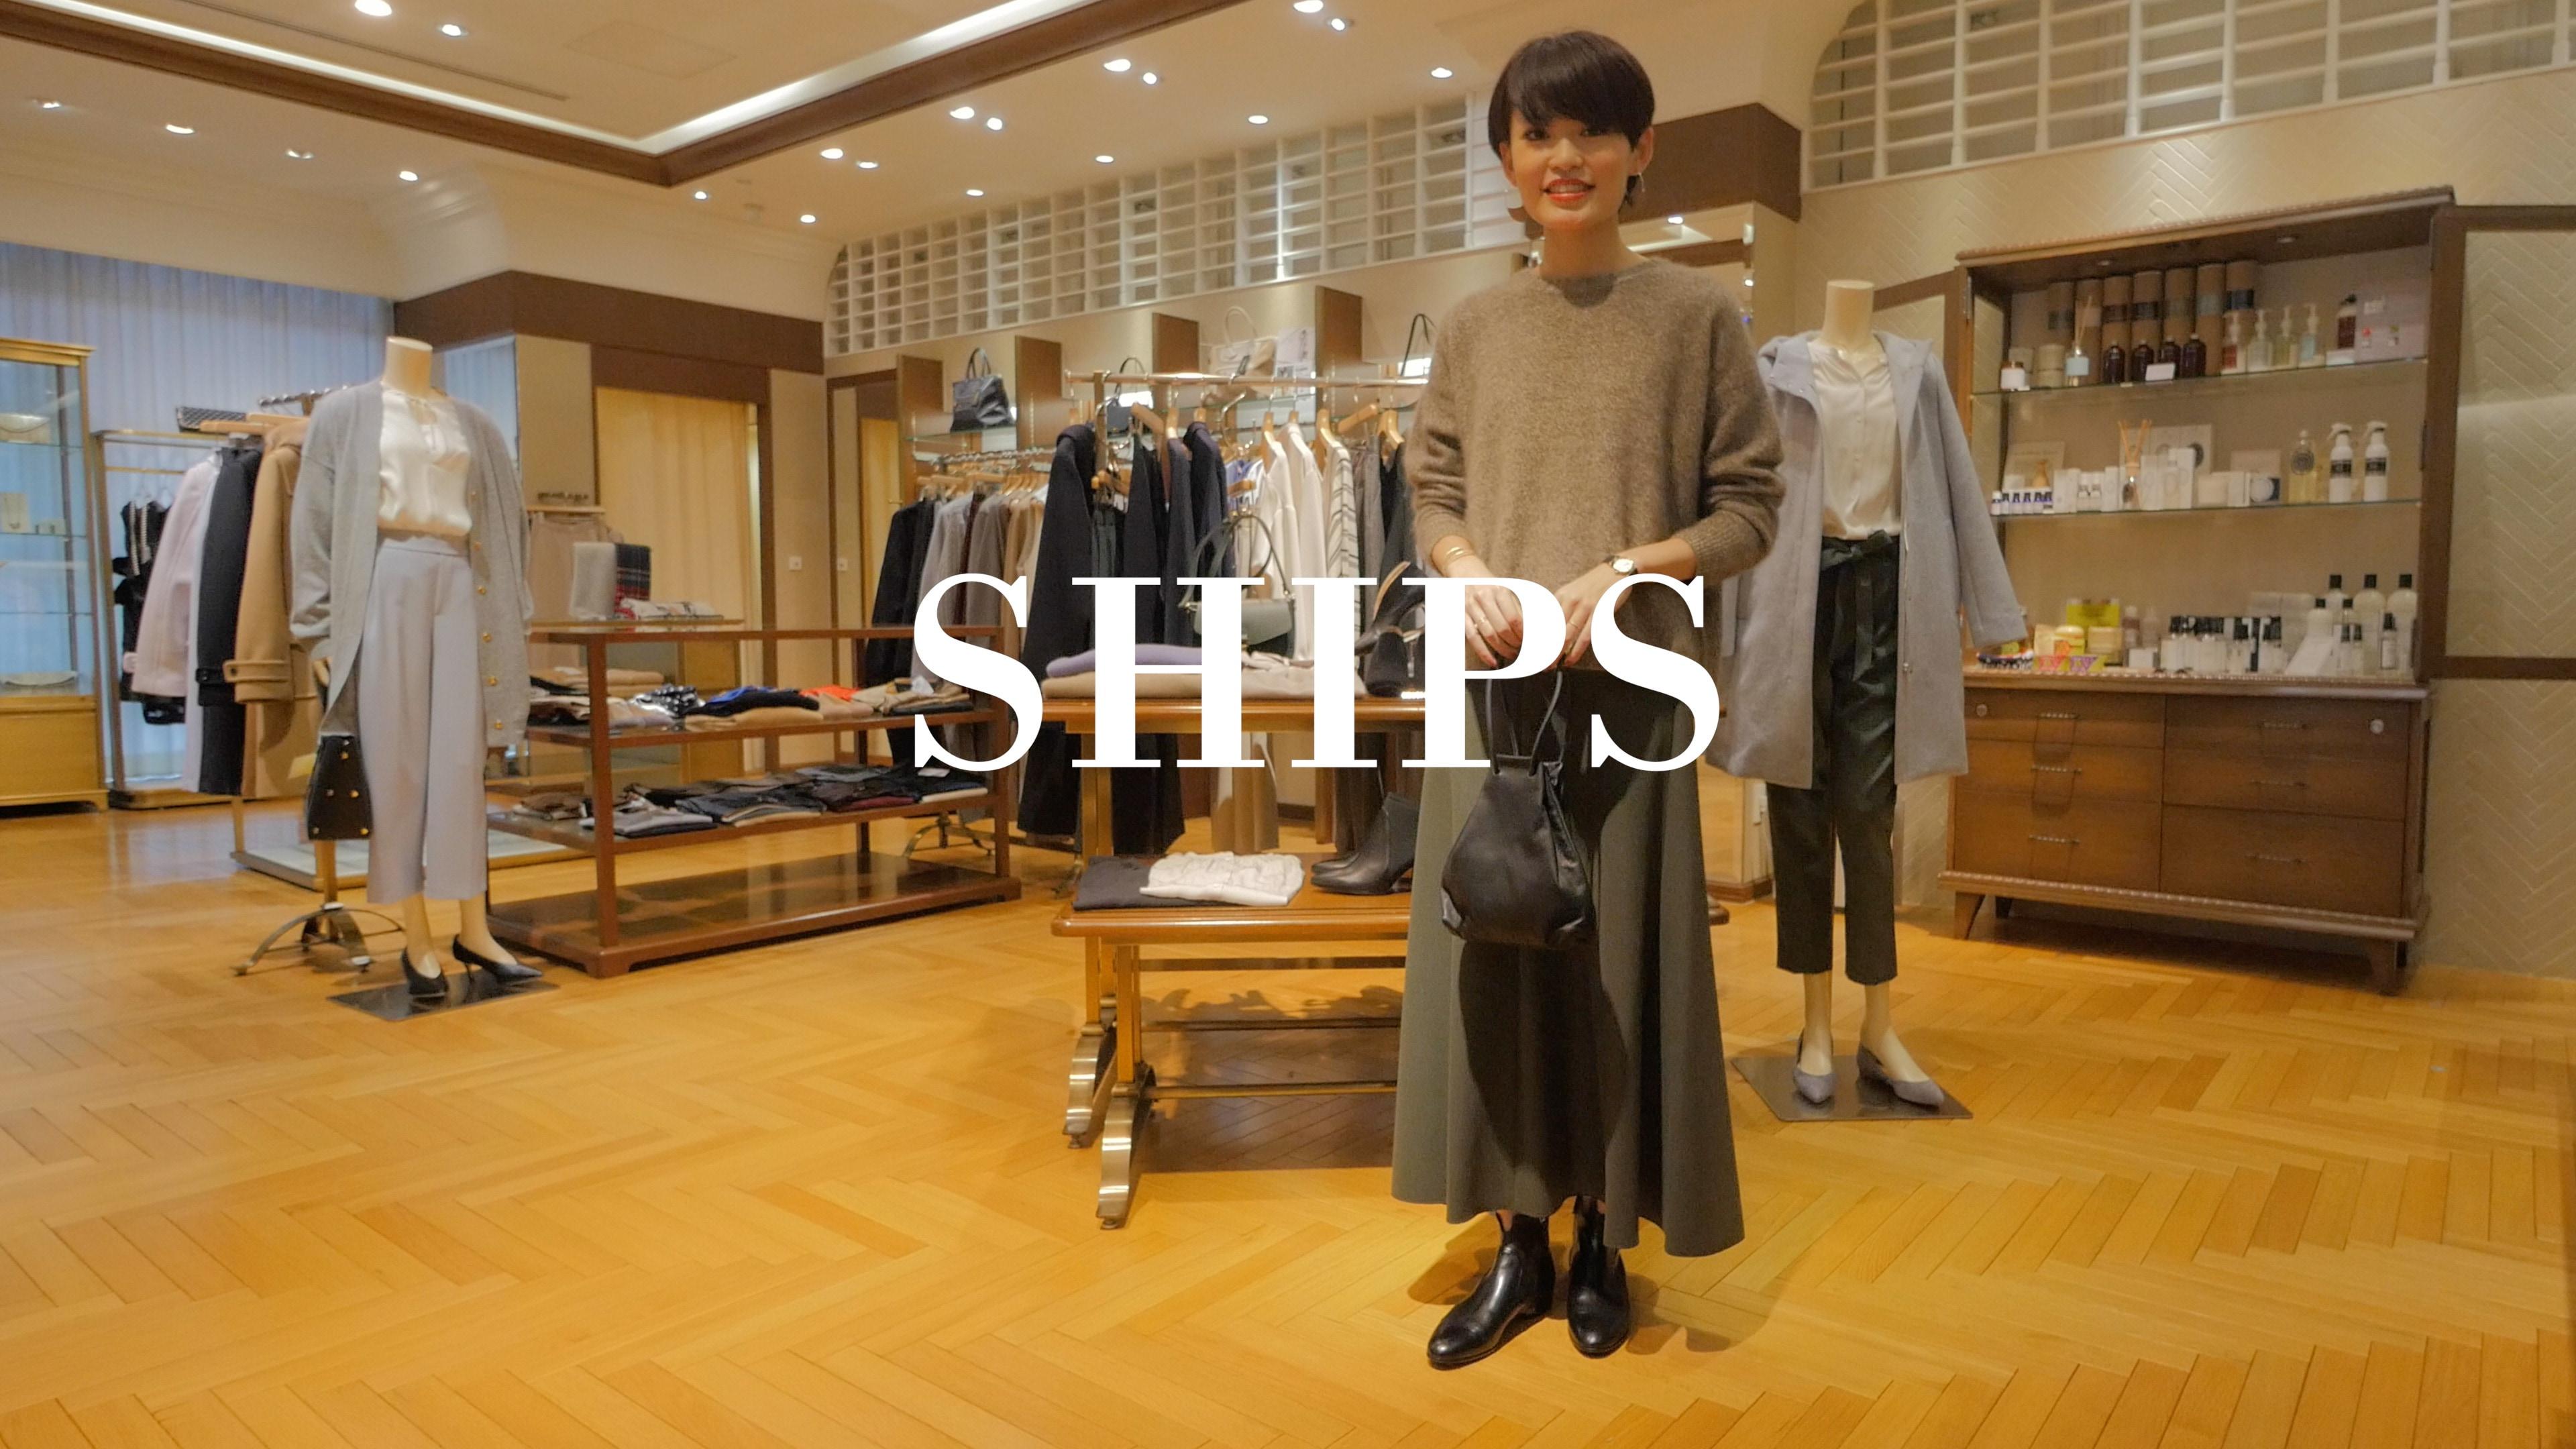 定番ニット+インポートのスカートで縦長シルエットを生かしたコーディネート【SHIPS】#2